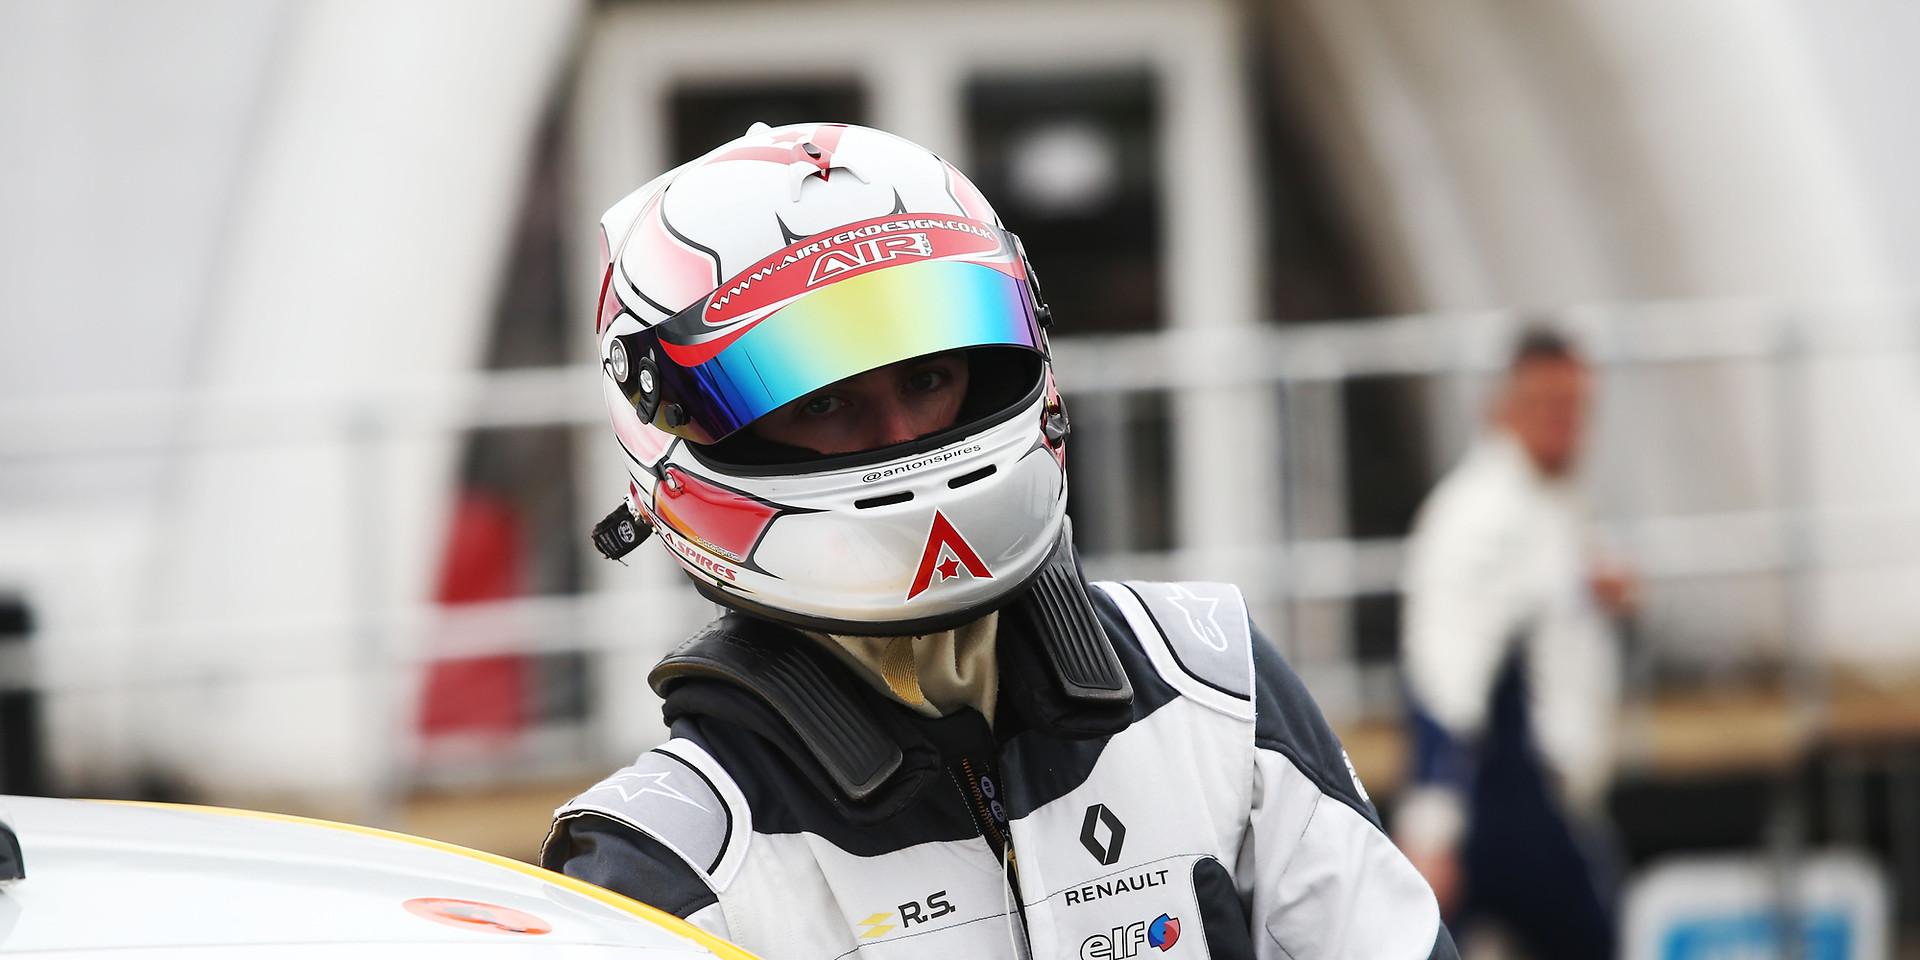 Brands Hatch GP, 2019